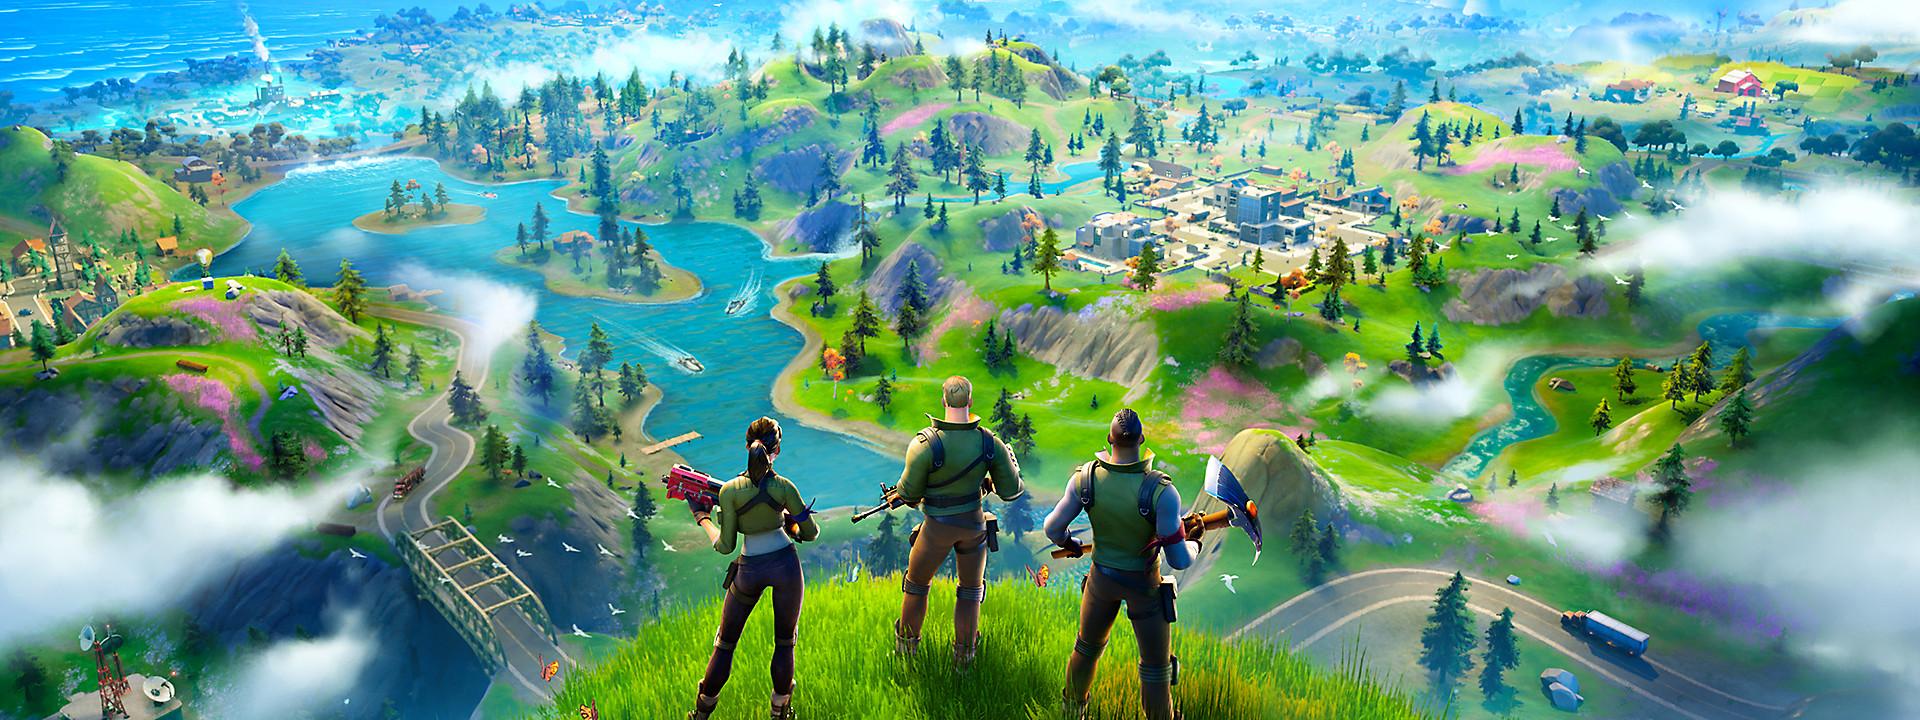 PlayStation 4 consagra Fortnite como um dos melhores games de batalha